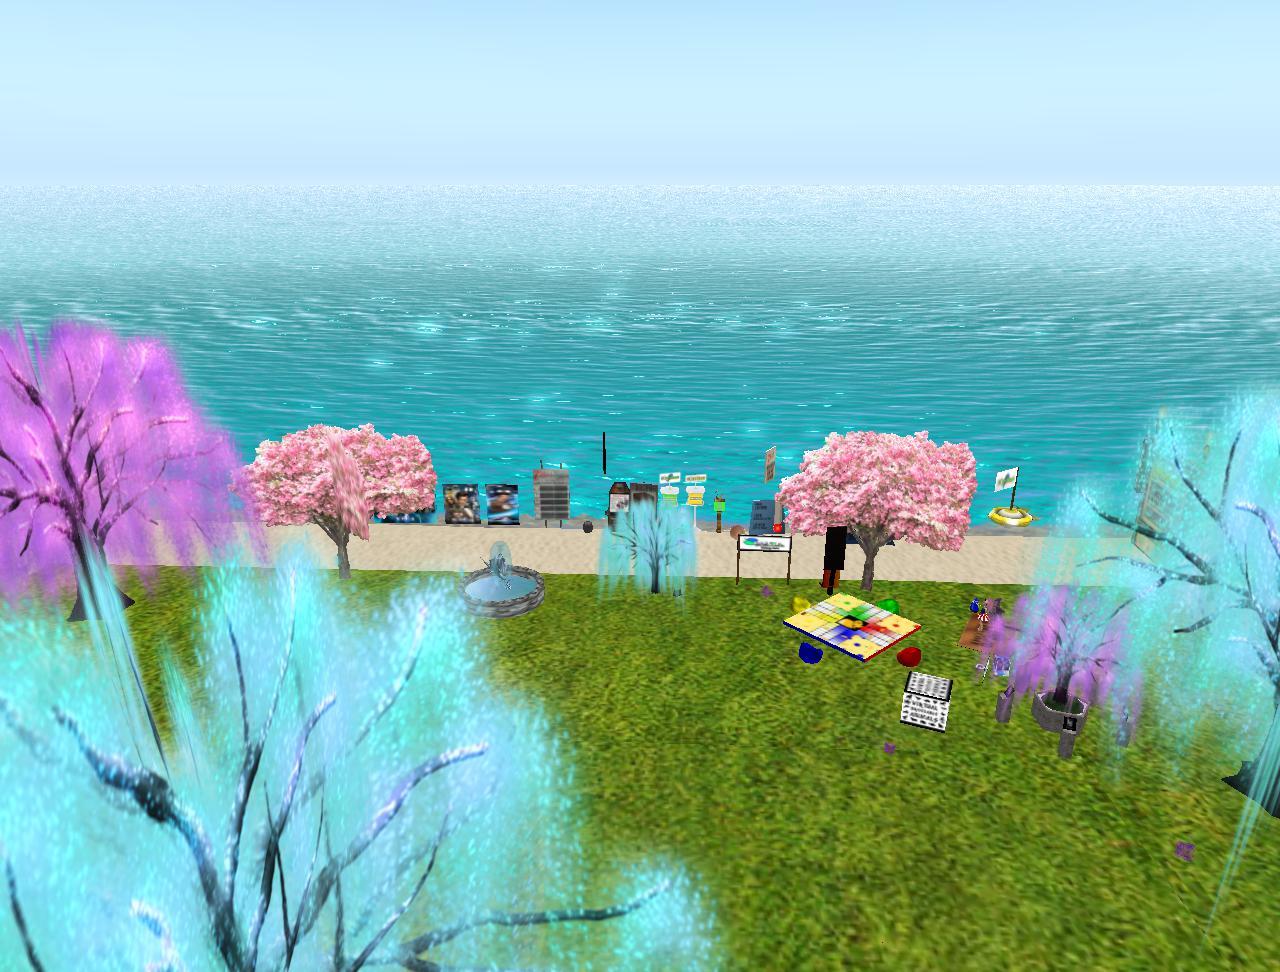 2Fish_4Life_in_Arctic1